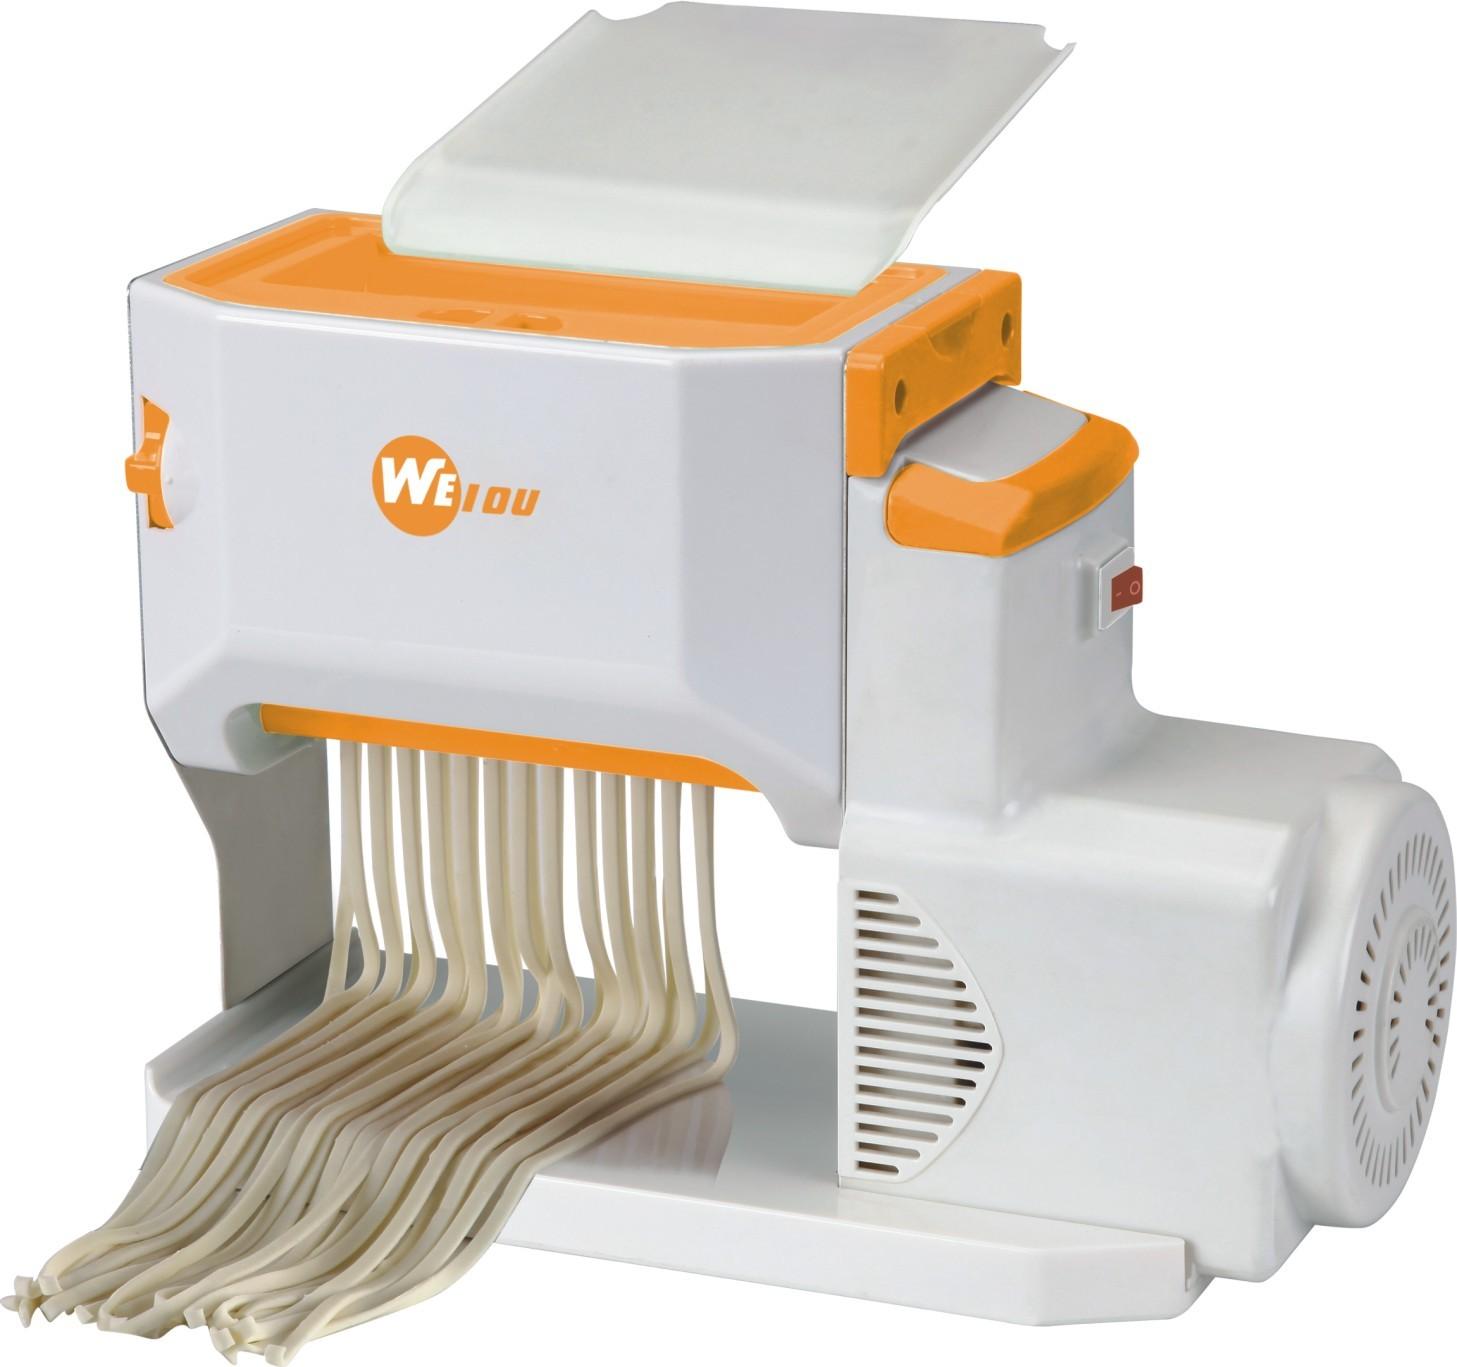 威欧 WO-T007 WO-T007 面条机怎么样,质量如何,好用吗